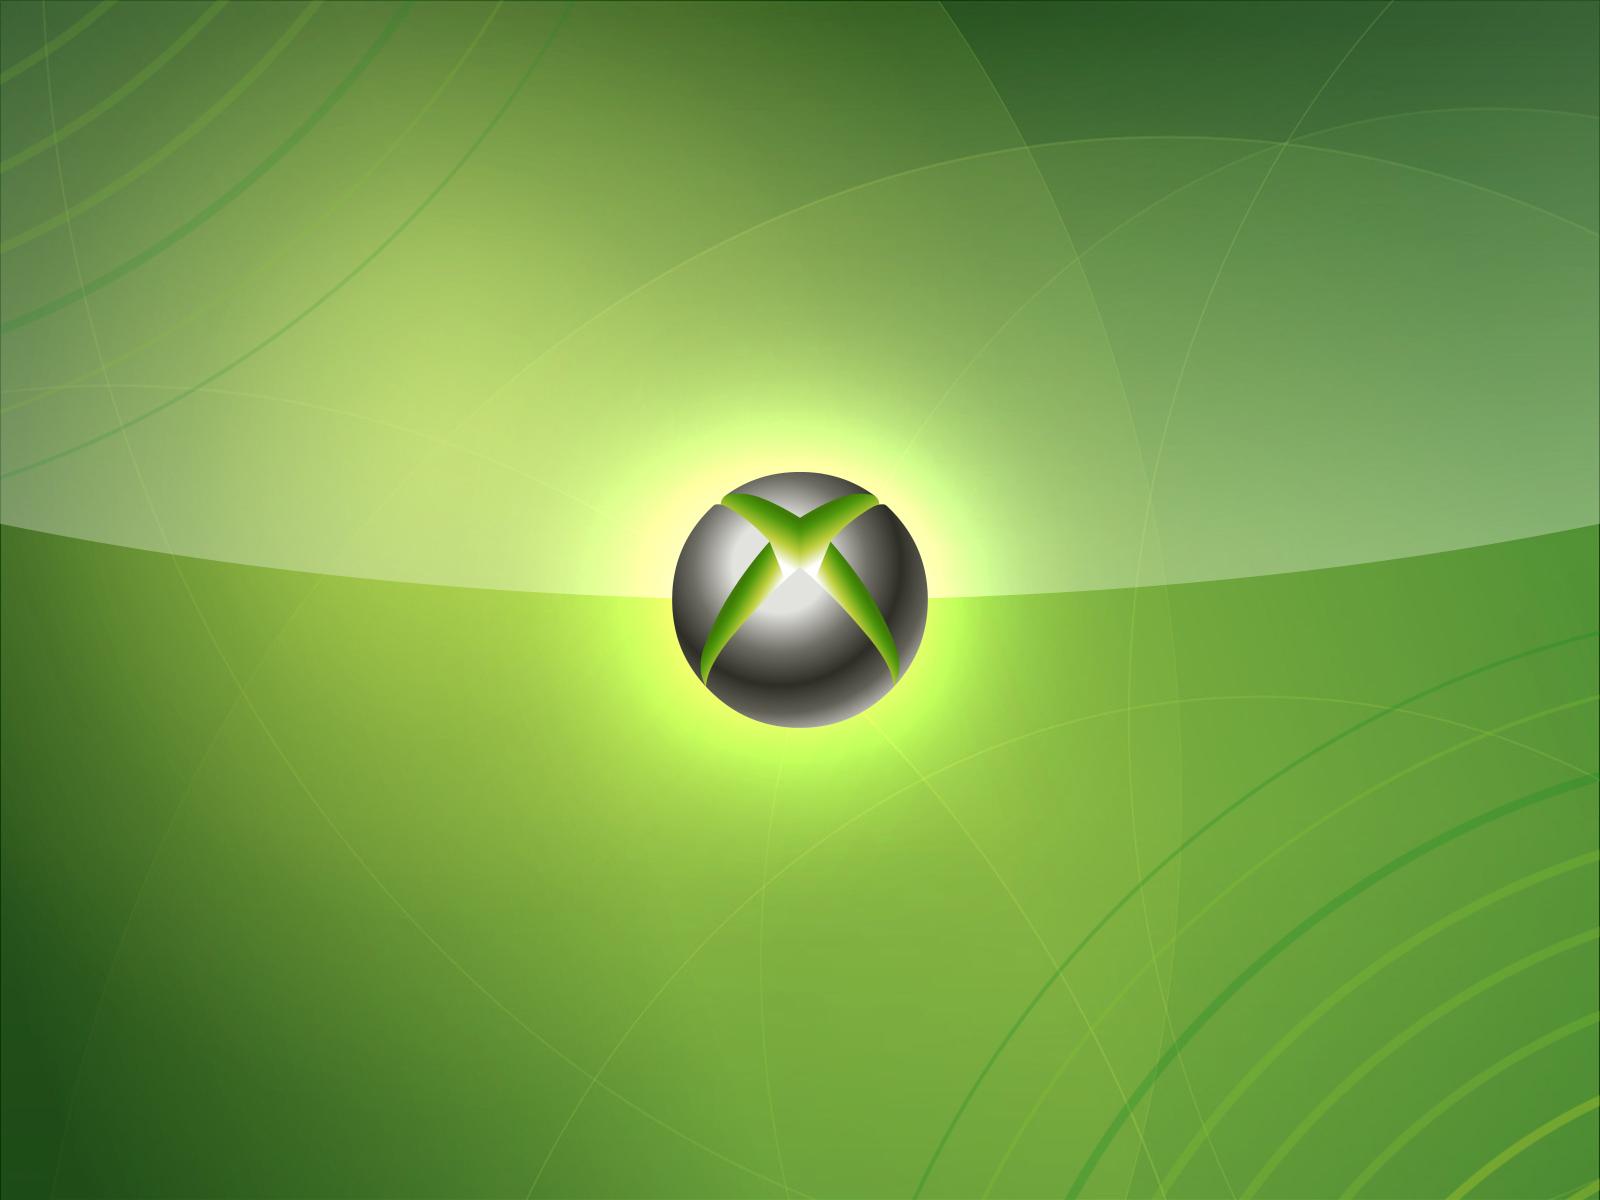 http://3.bp.blogspot.com/_2UbsSBz9ckE/TIMPJfOMuFI/AAAAAAAABWI/eeiihVkNHo4/s1600/Xbox%25252B360%25252BHD%25252BWallpaper.jpg